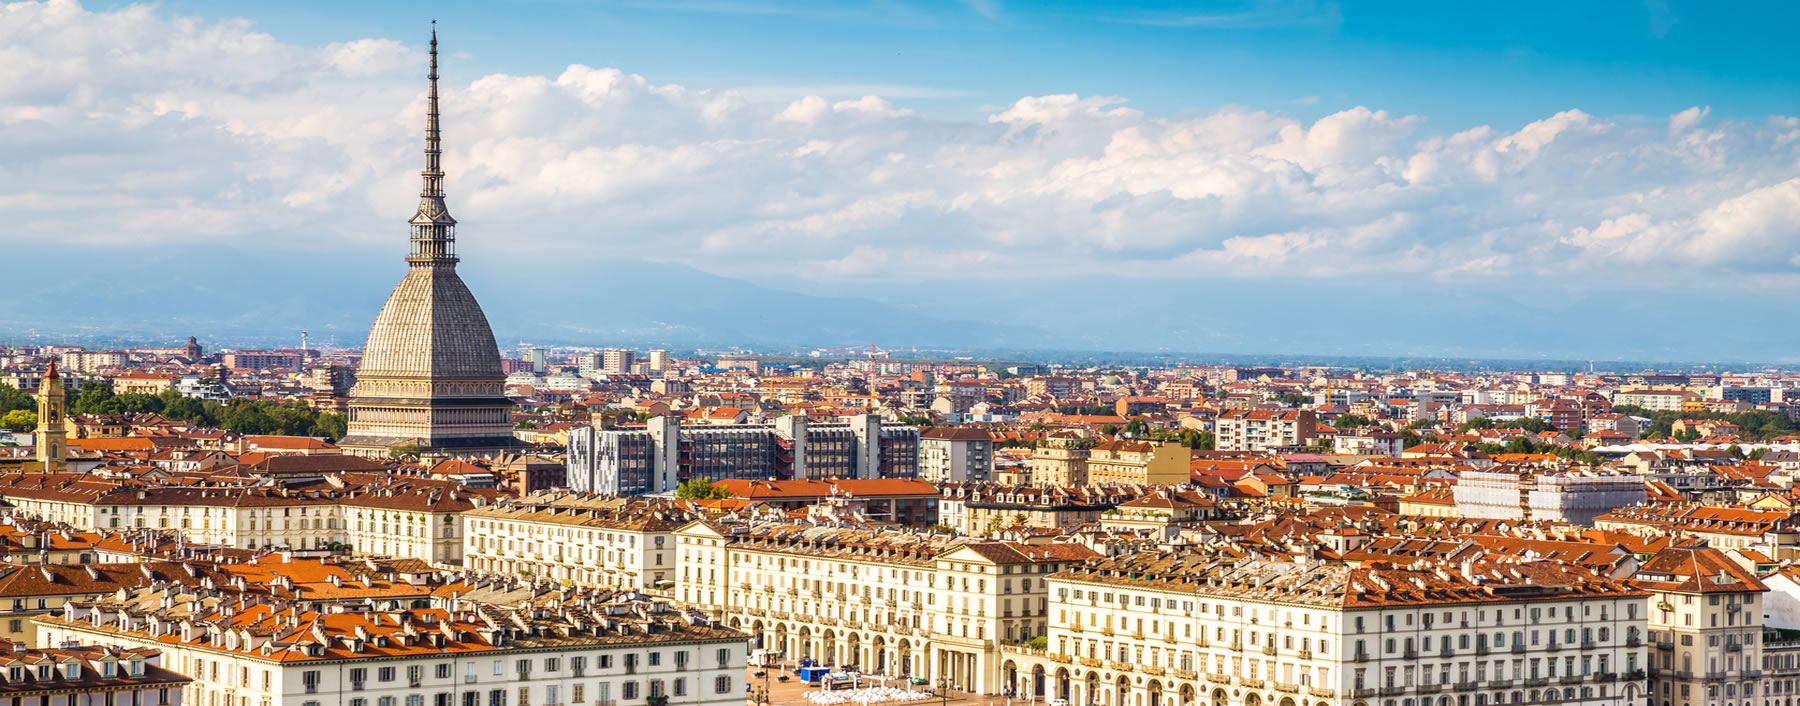 Risultati immagini per Torino